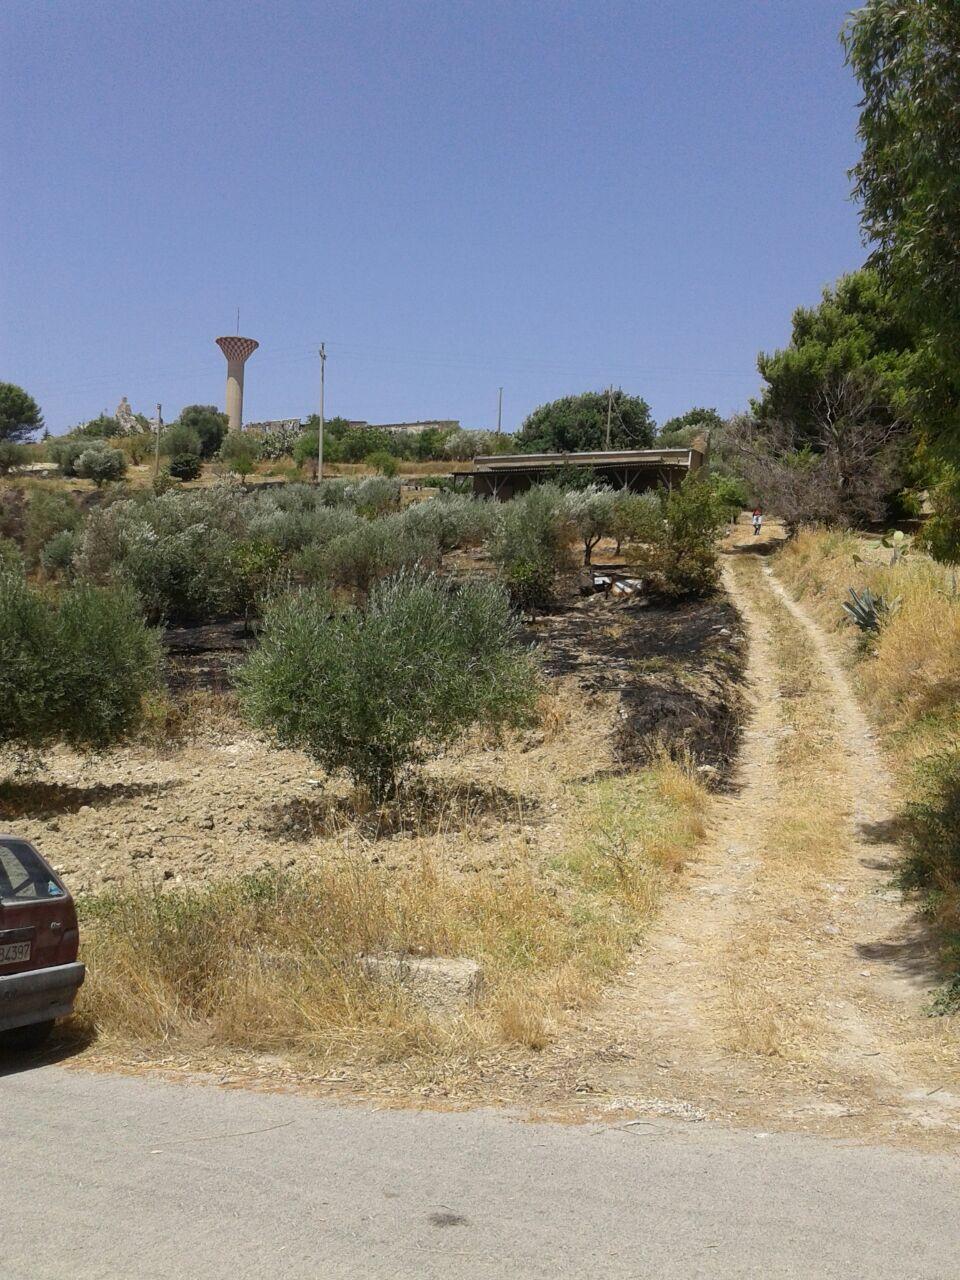 Morto 84enne avvolto dalle fiamme ad Aragona